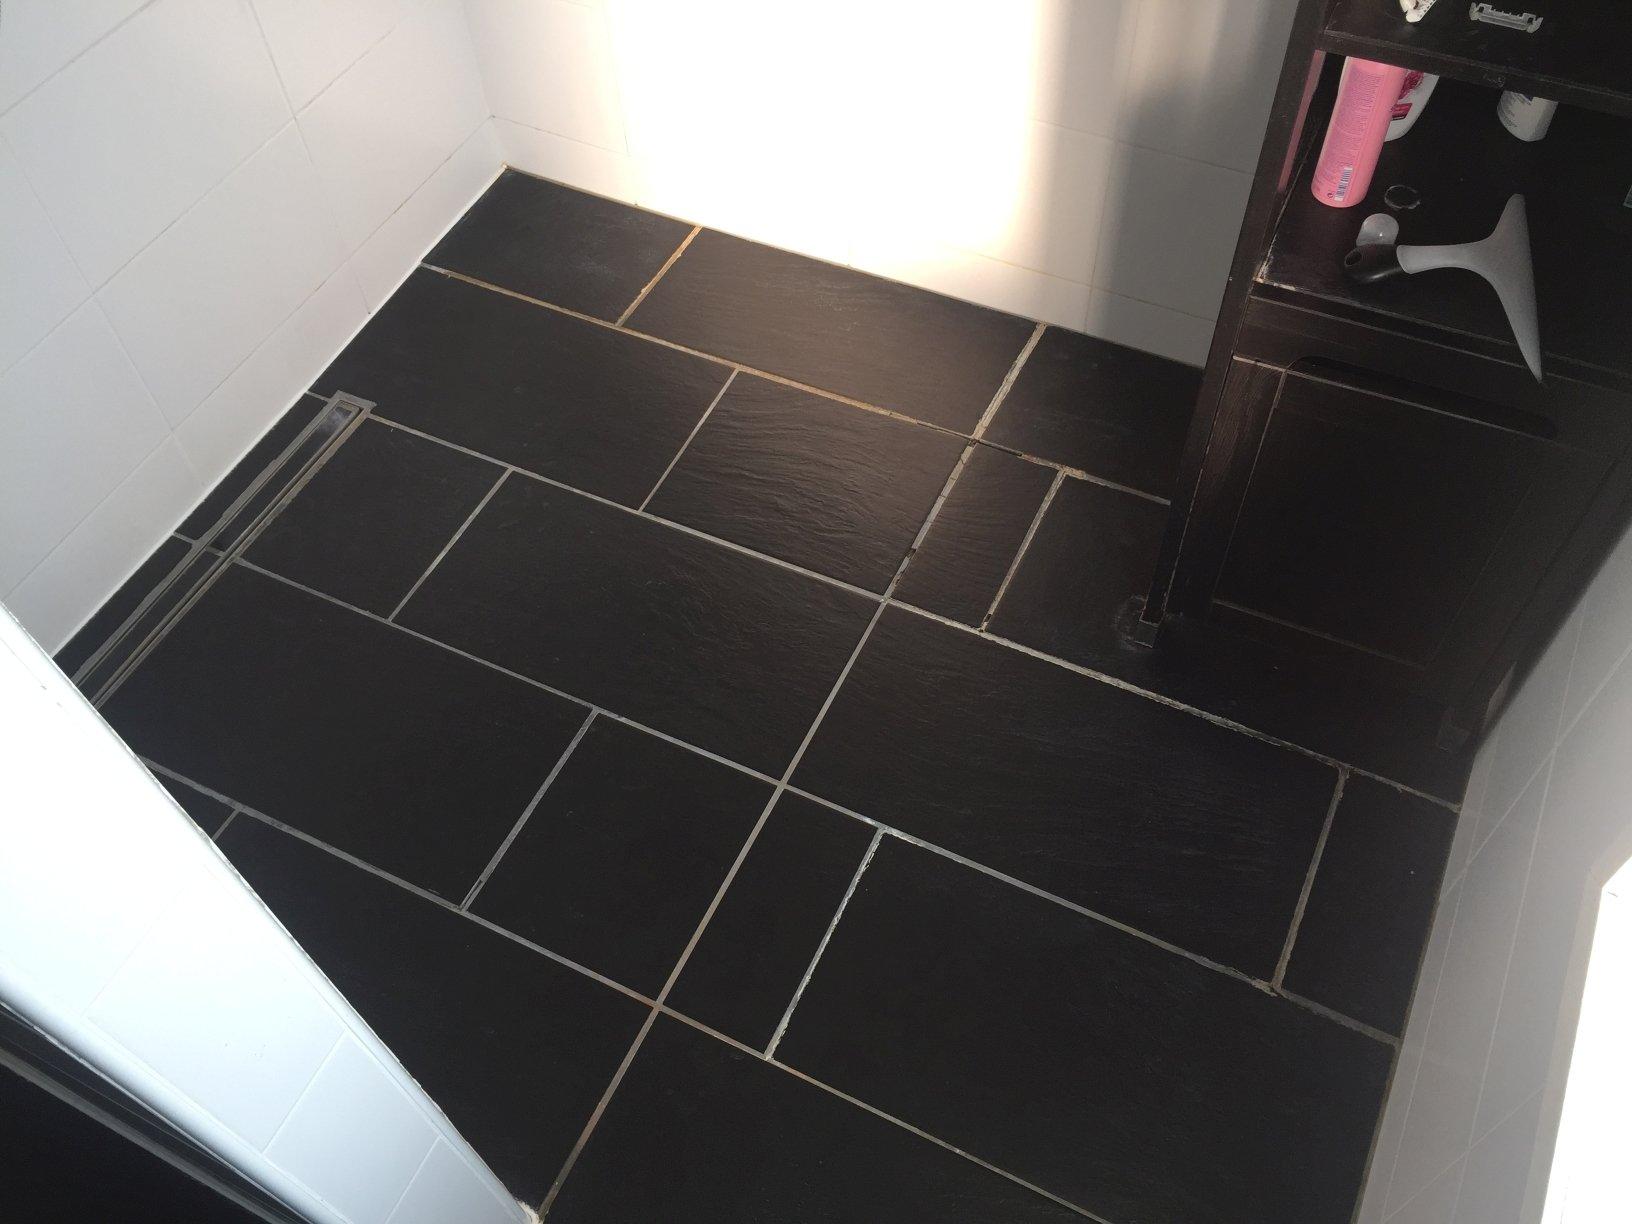 Voegen Badkamer Vervangen : Tegels opnieuw voegen badkamer douche lekkage via tegelwand. tegels